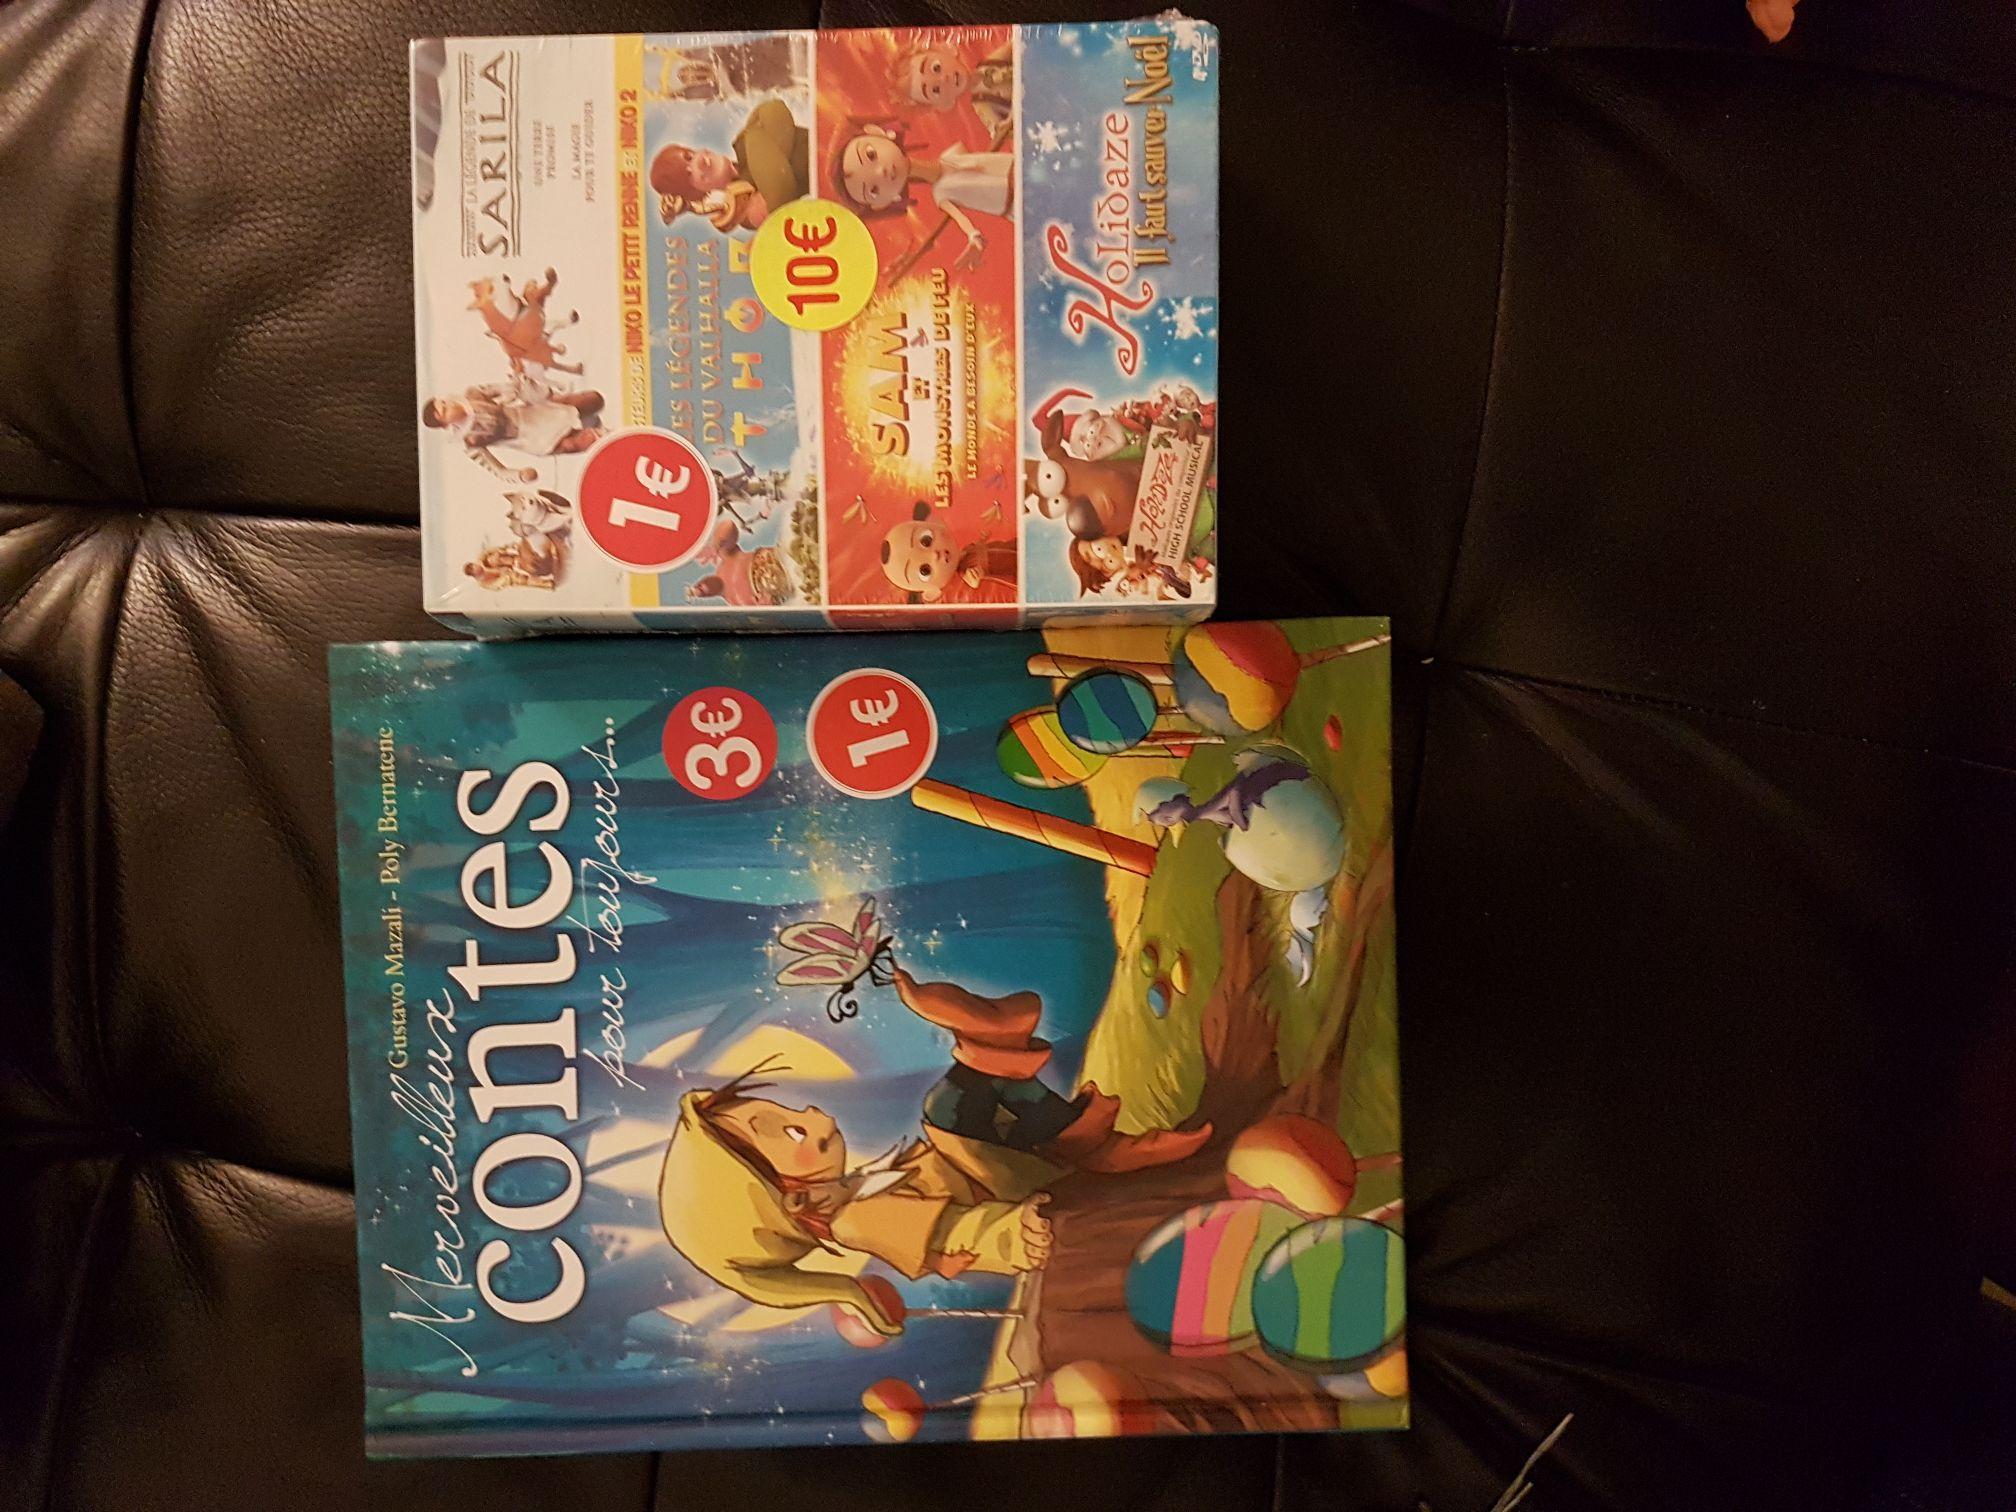 Sélection de coffrets DVD de Noël -  Ex : Sarila + Sam et les monstres de feu + Holidaze + Thor : Les légendes du Vahalla - Pontault Combault (77)